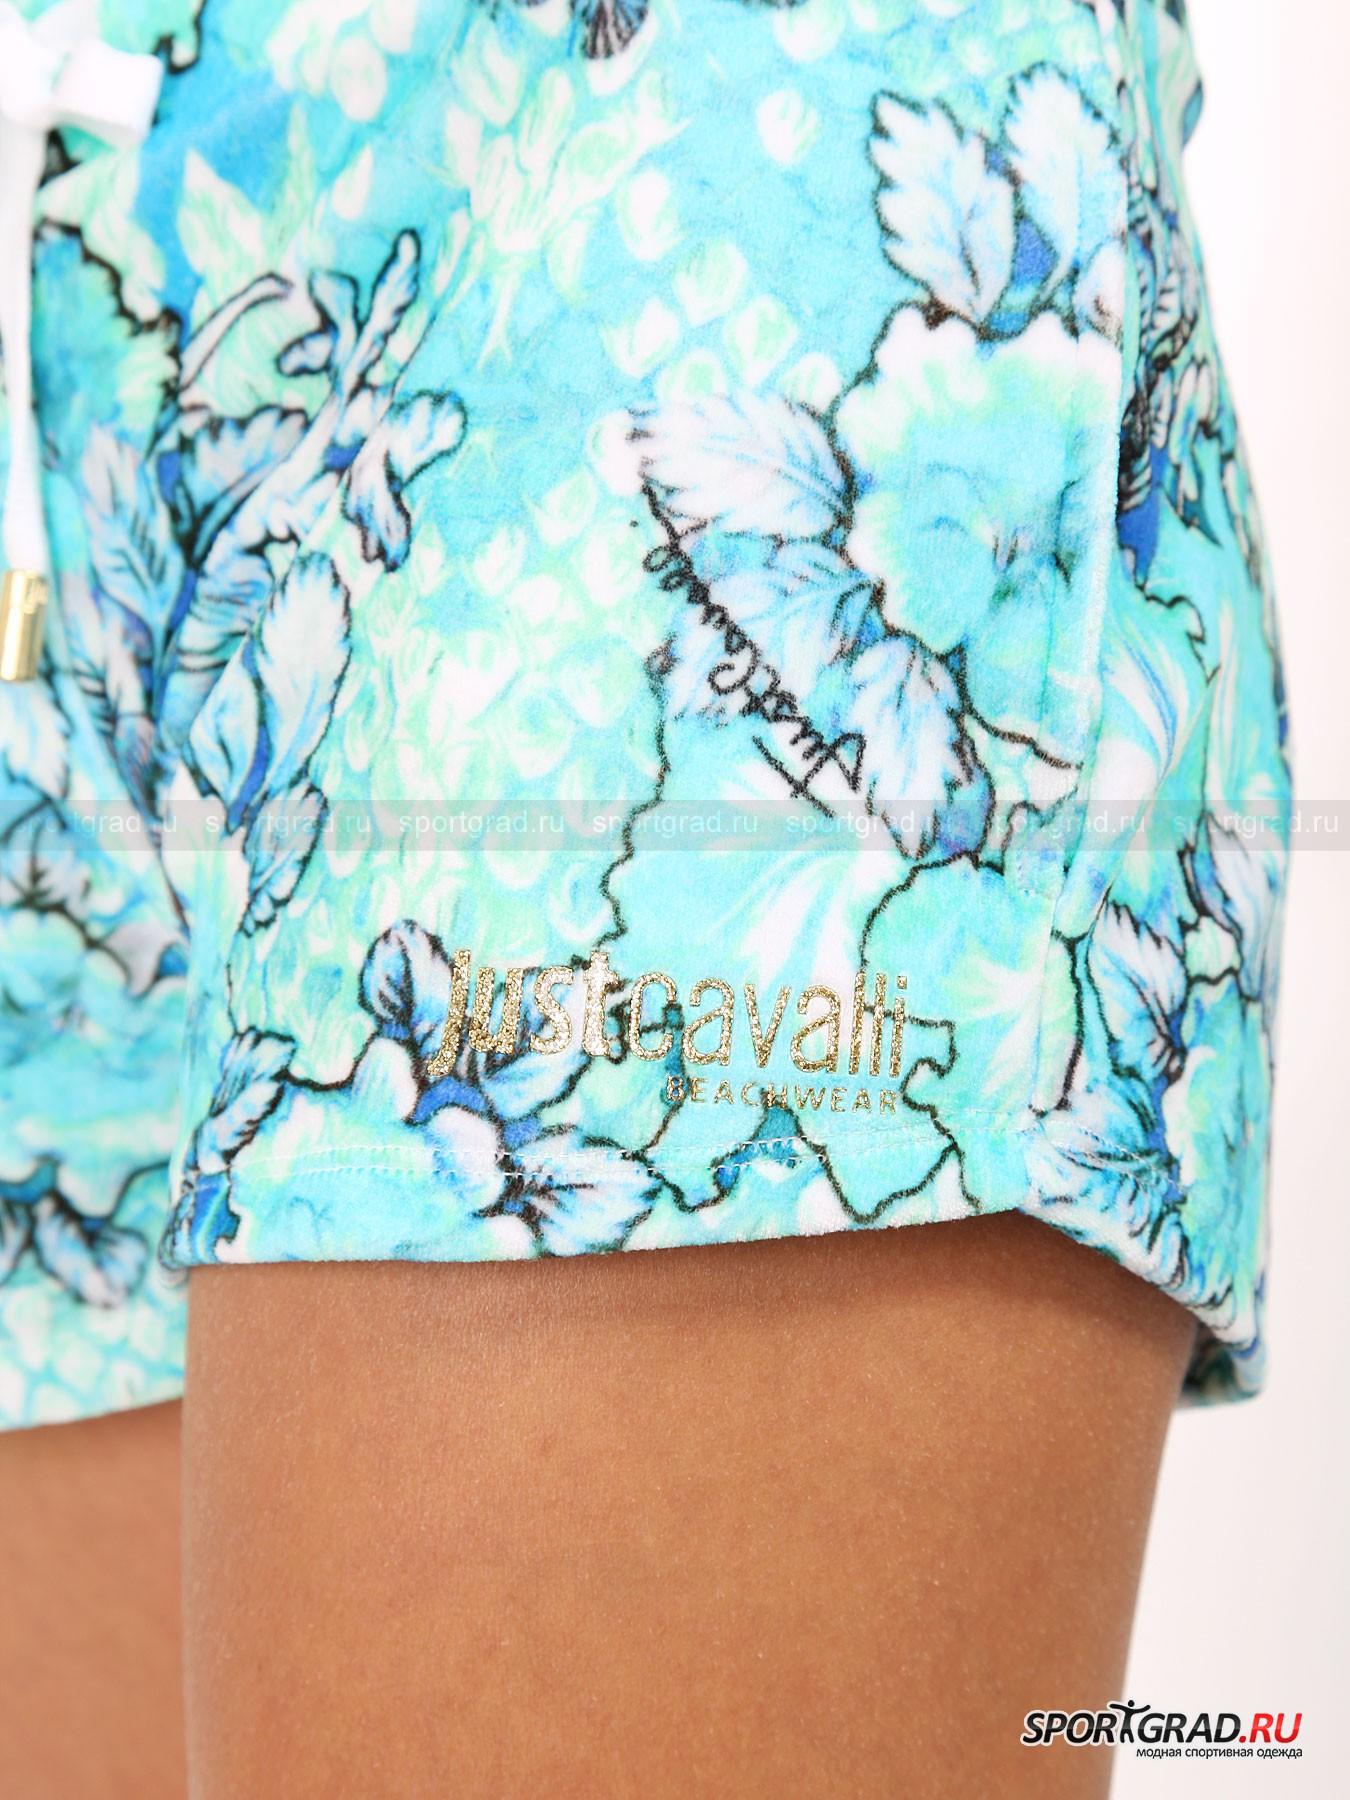 Шорты женские JUST CAVALLI Beachwear от Спортград